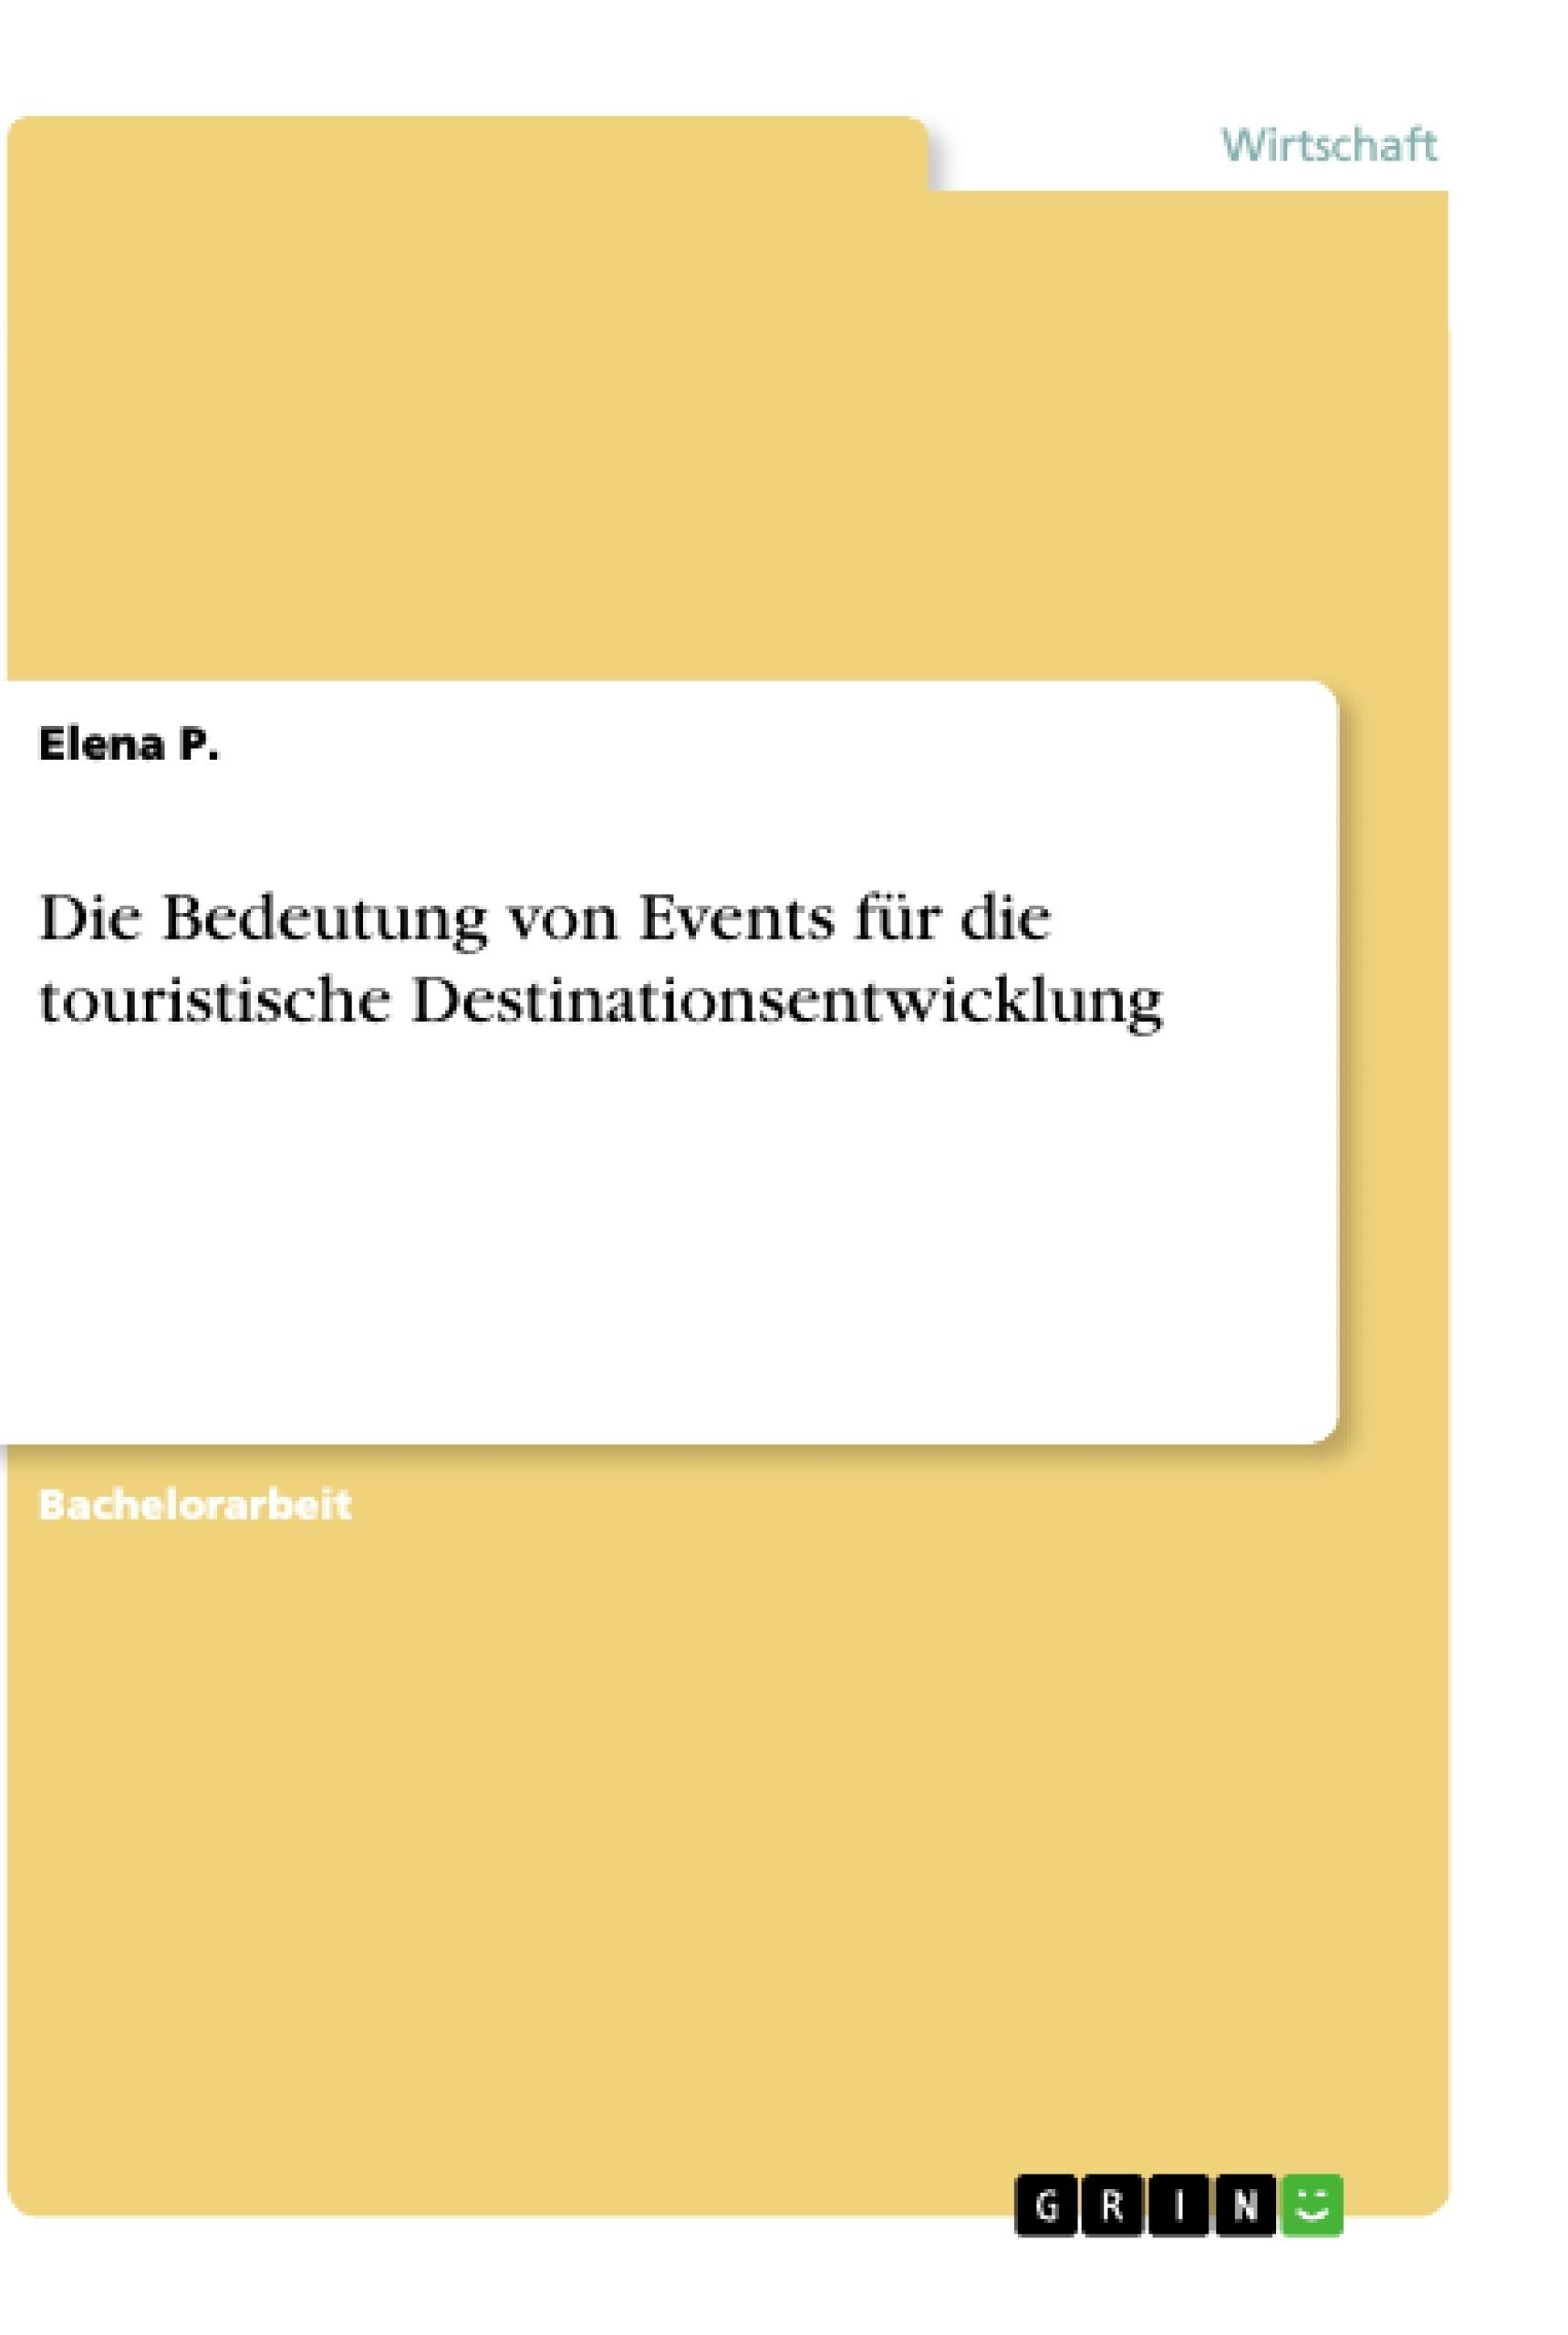 Titel: Die Bedeutung von Events für die touristische Destinationsentwicklung